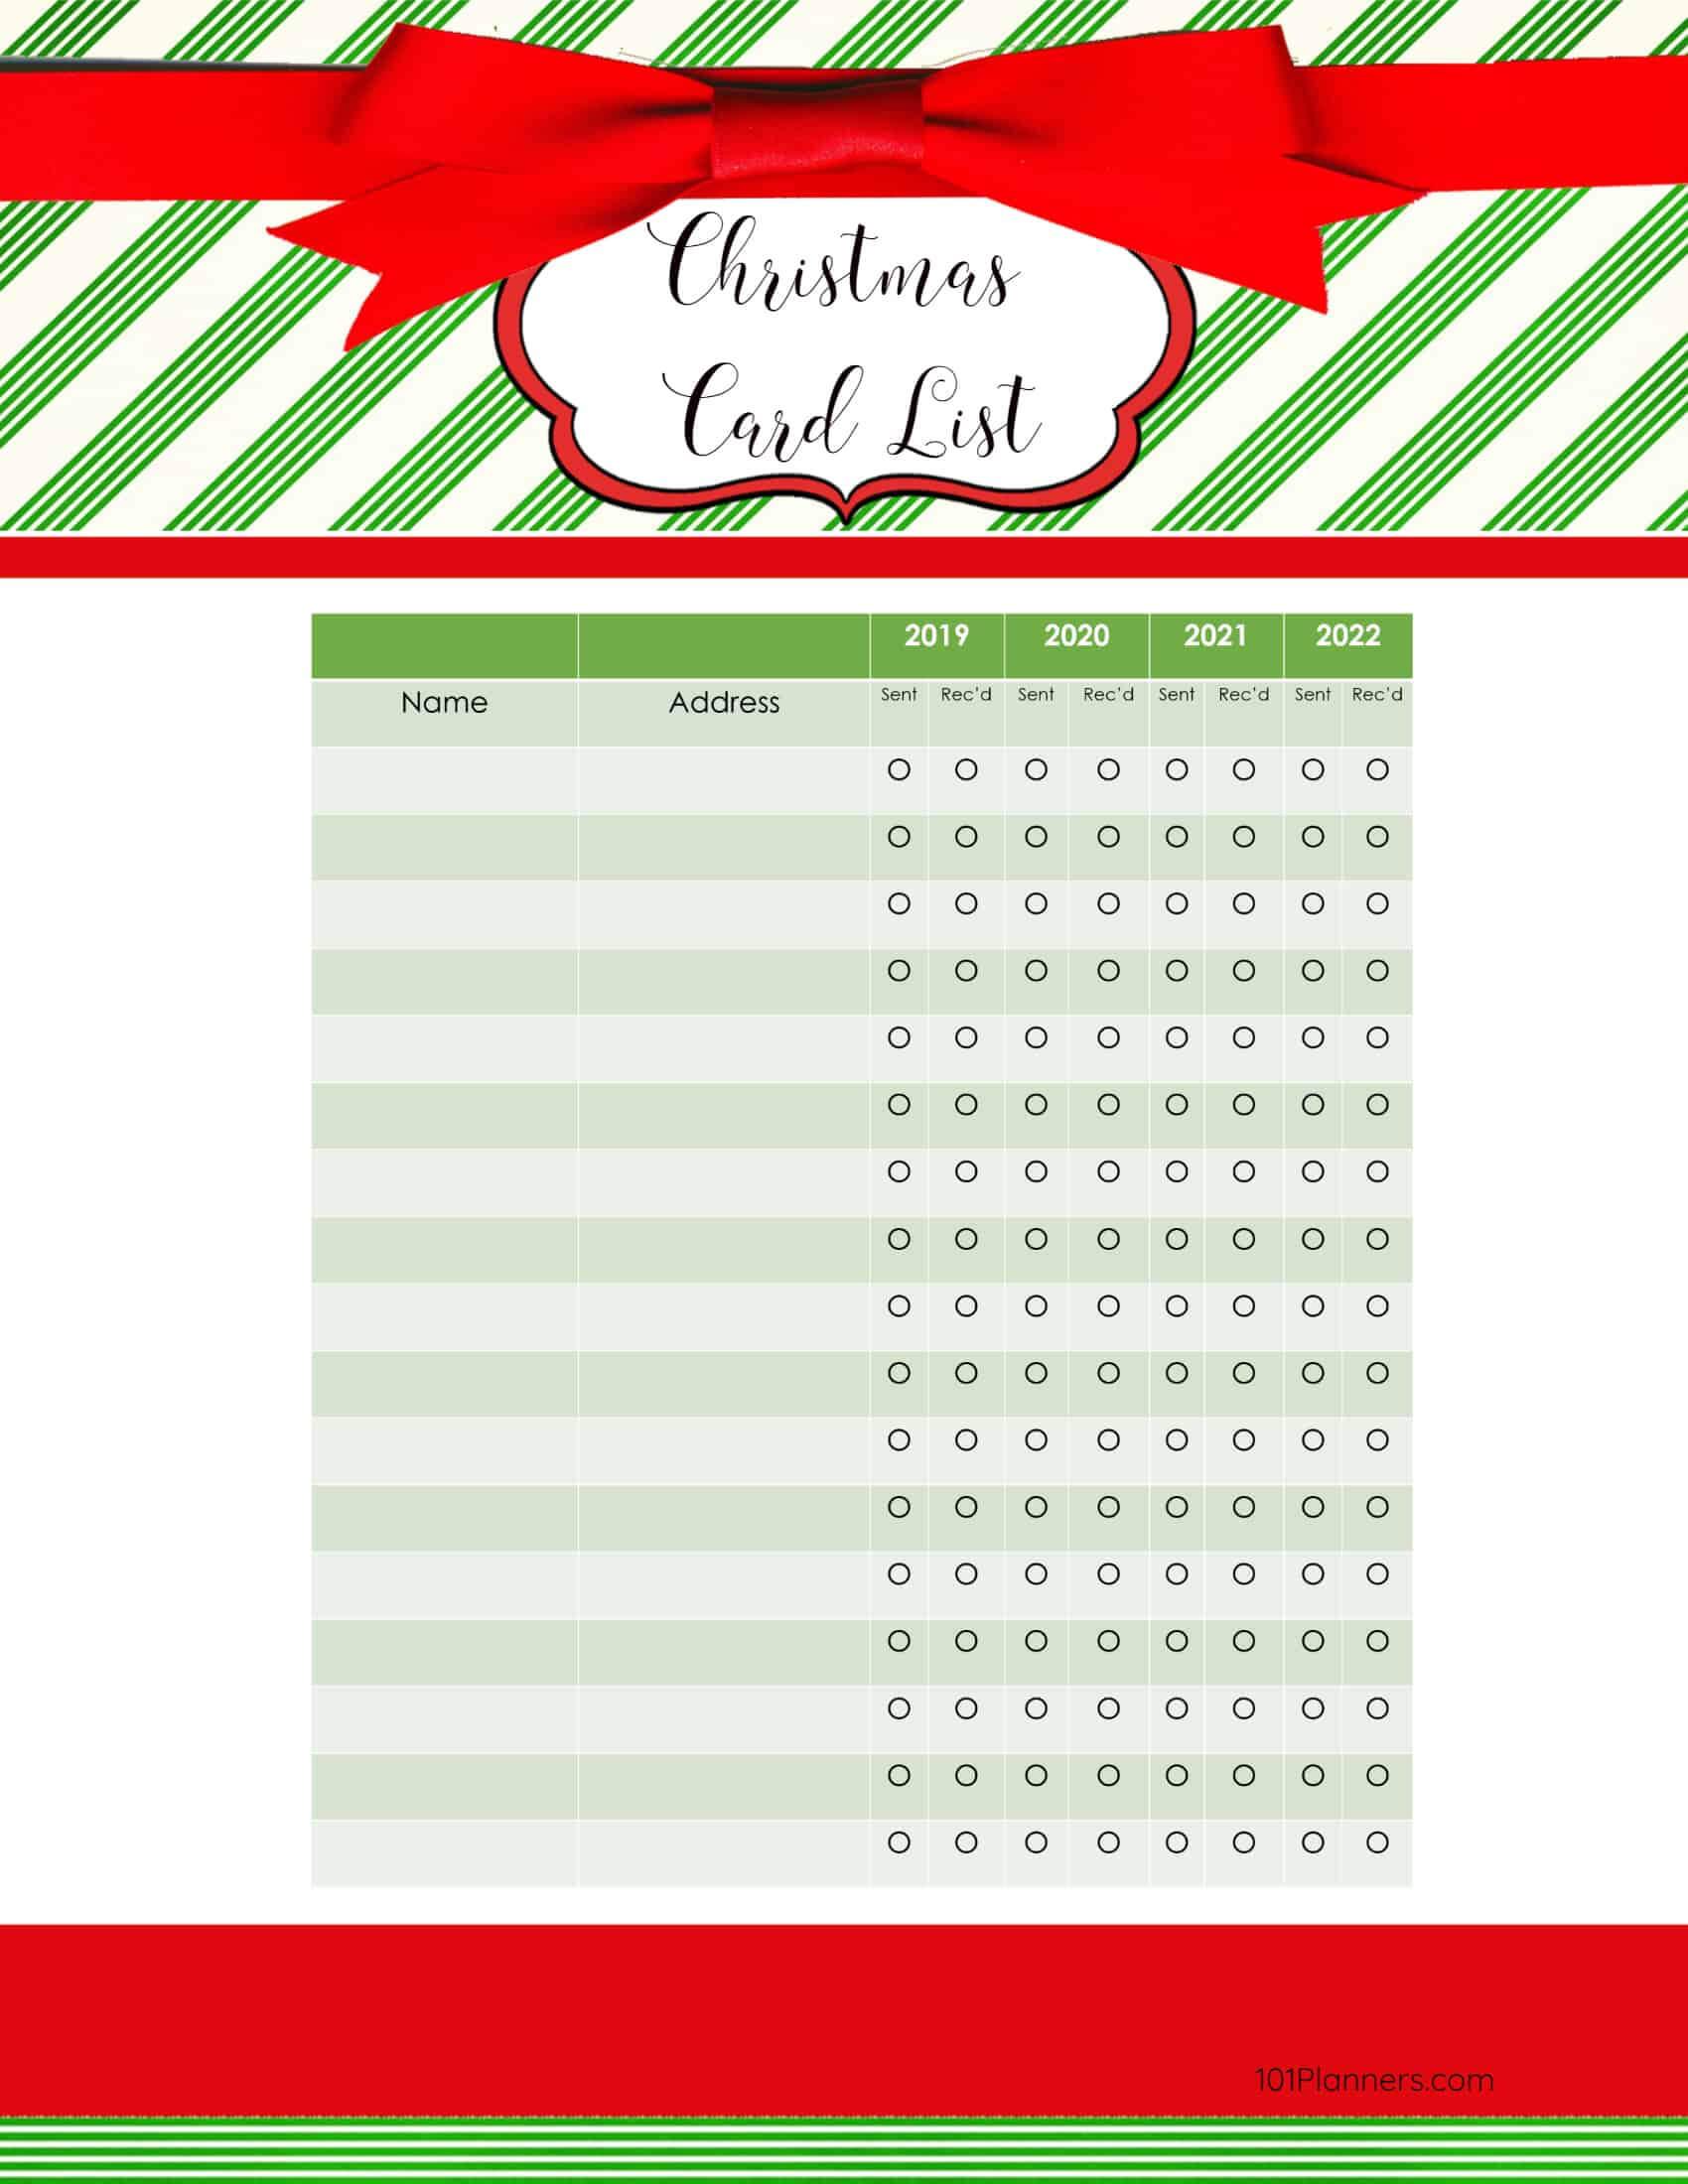 Free Printable Christmas Gift List Template Regarding Christmas Card List Template